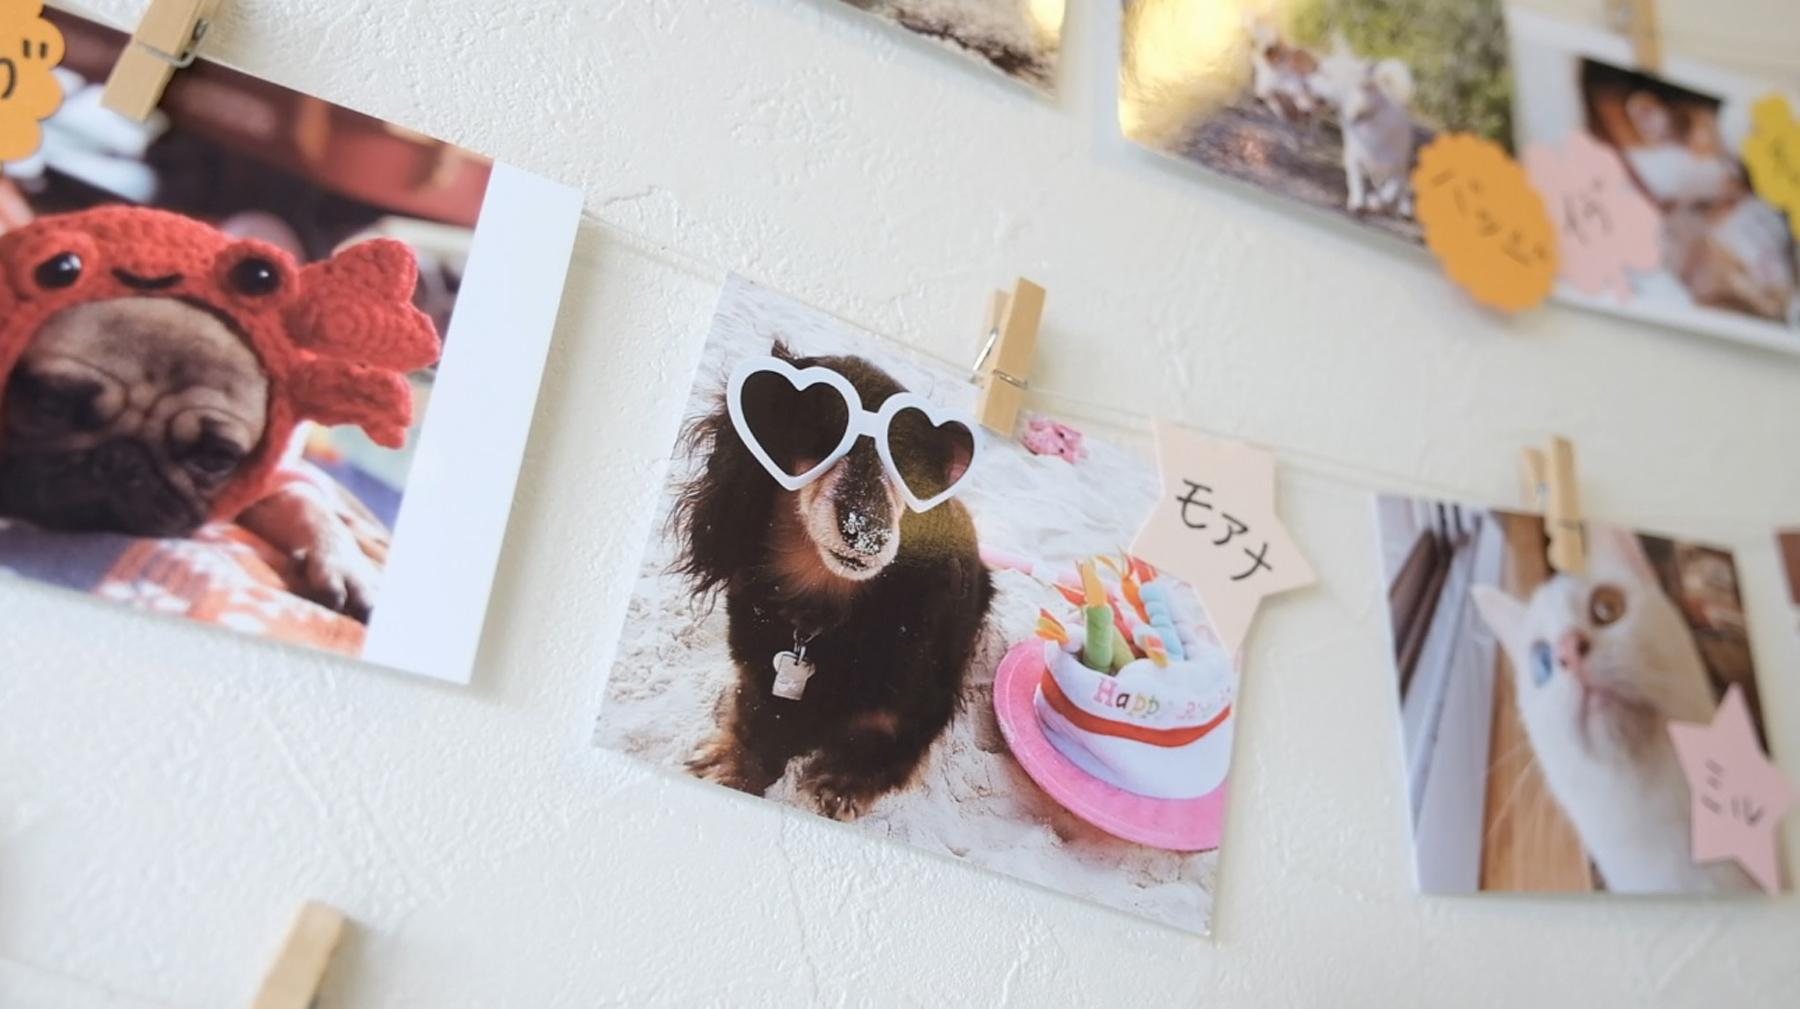 【理想通貨】使えるお店のご紹介 「麻布十番犬猫クリニック 宮古島分院」さん